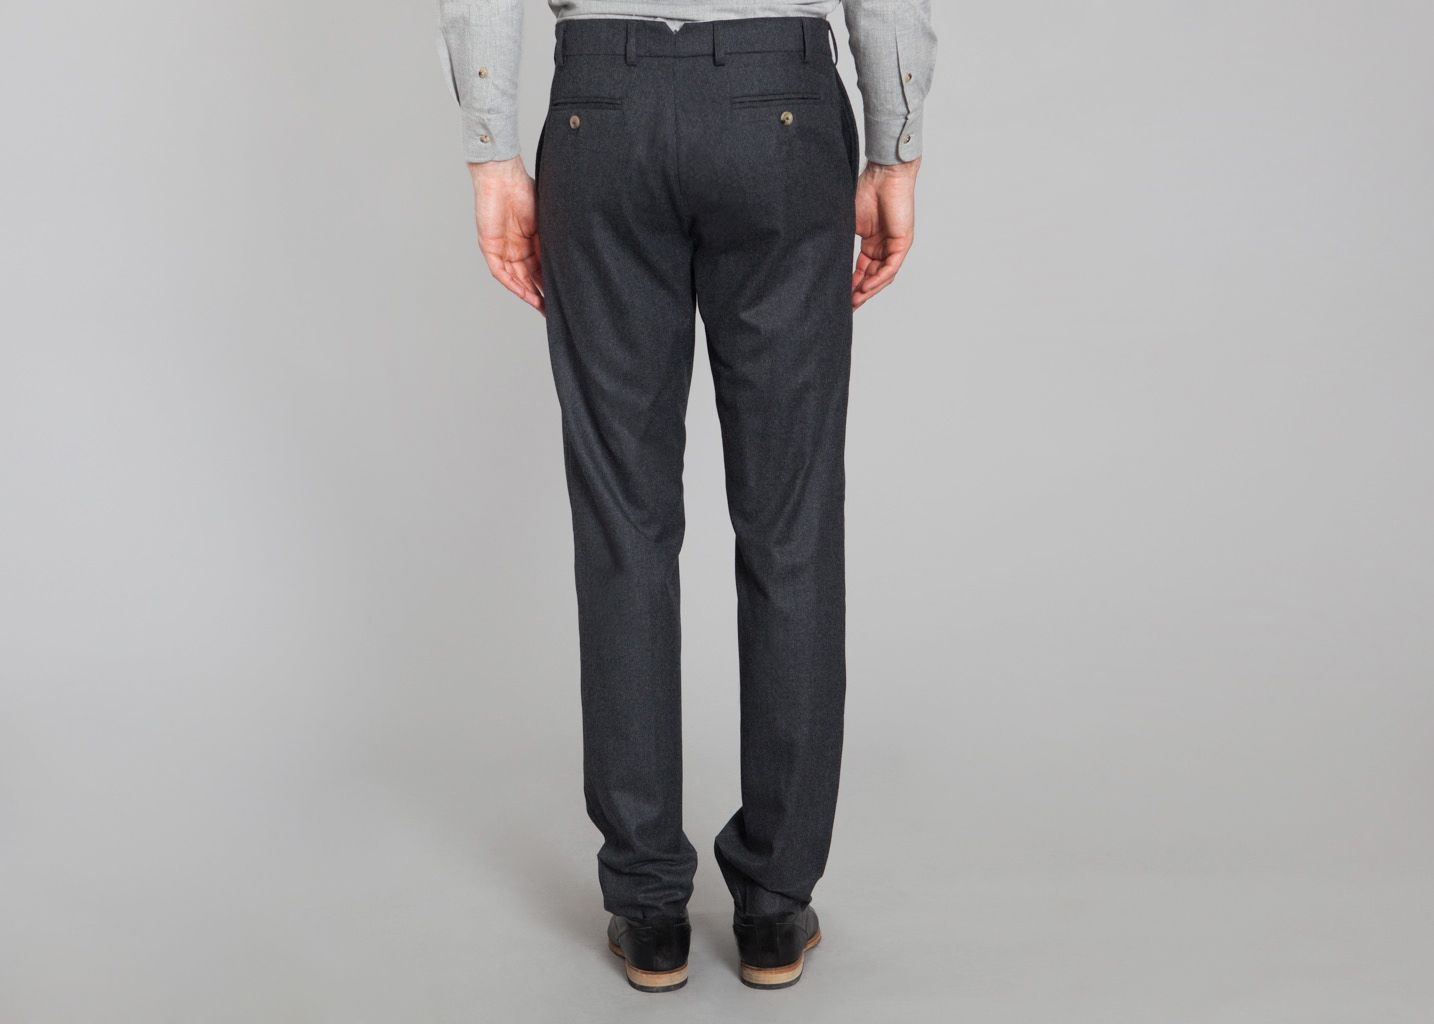 Pantalon Flanelle - De Bonne Facture